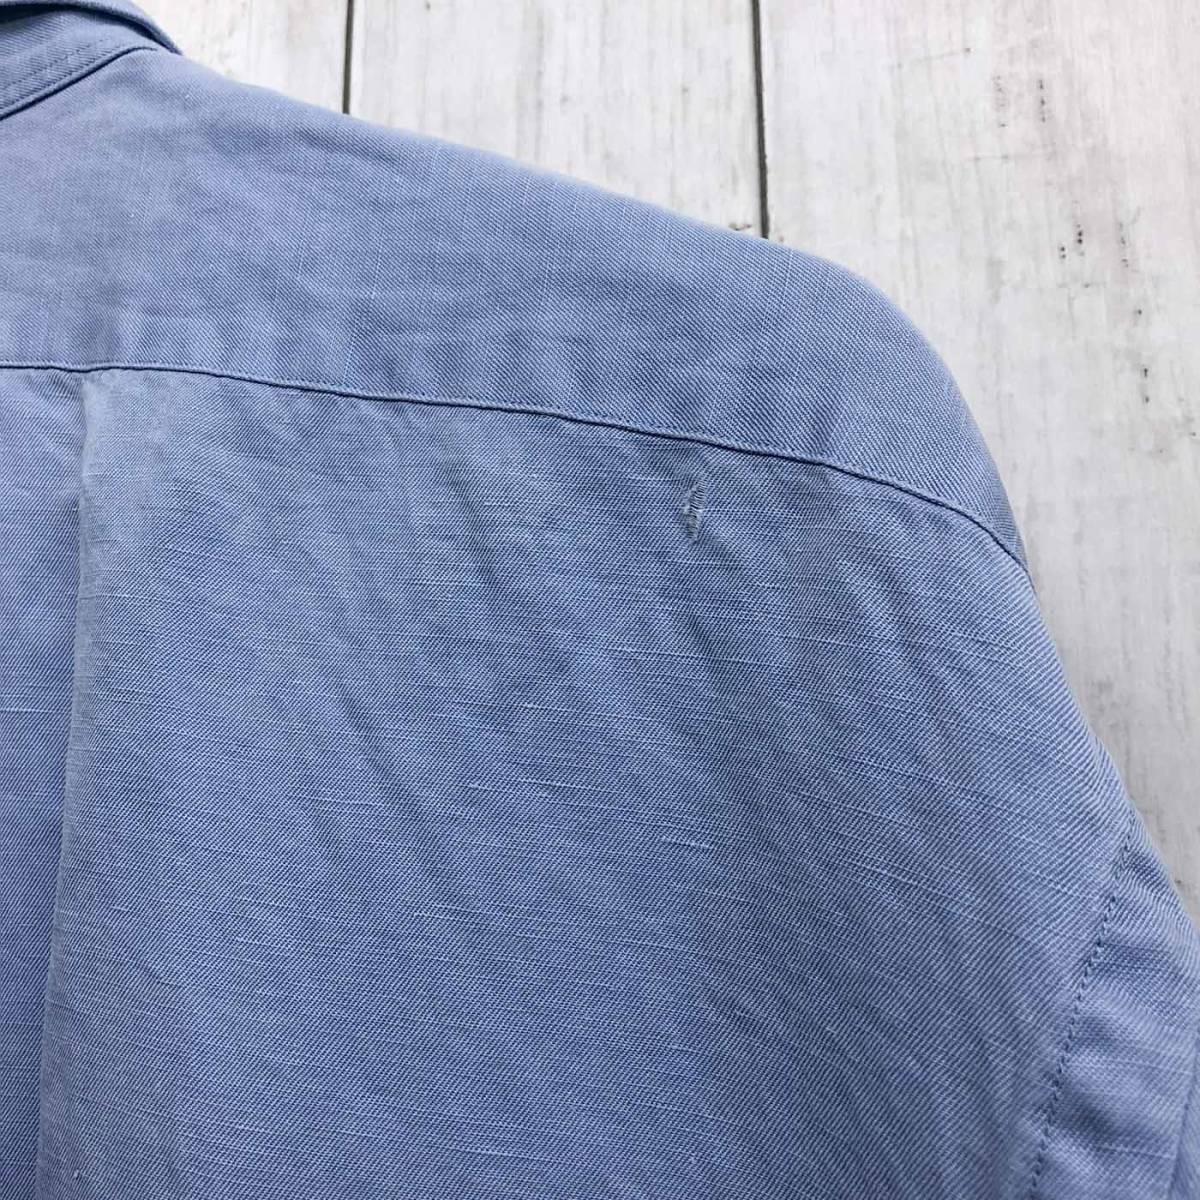 ラルフローレン POLO Ralph Lauren Polo 半袖シャツ 五分丈 メンズ ワンポイント XLサイズ 7-198_画像10